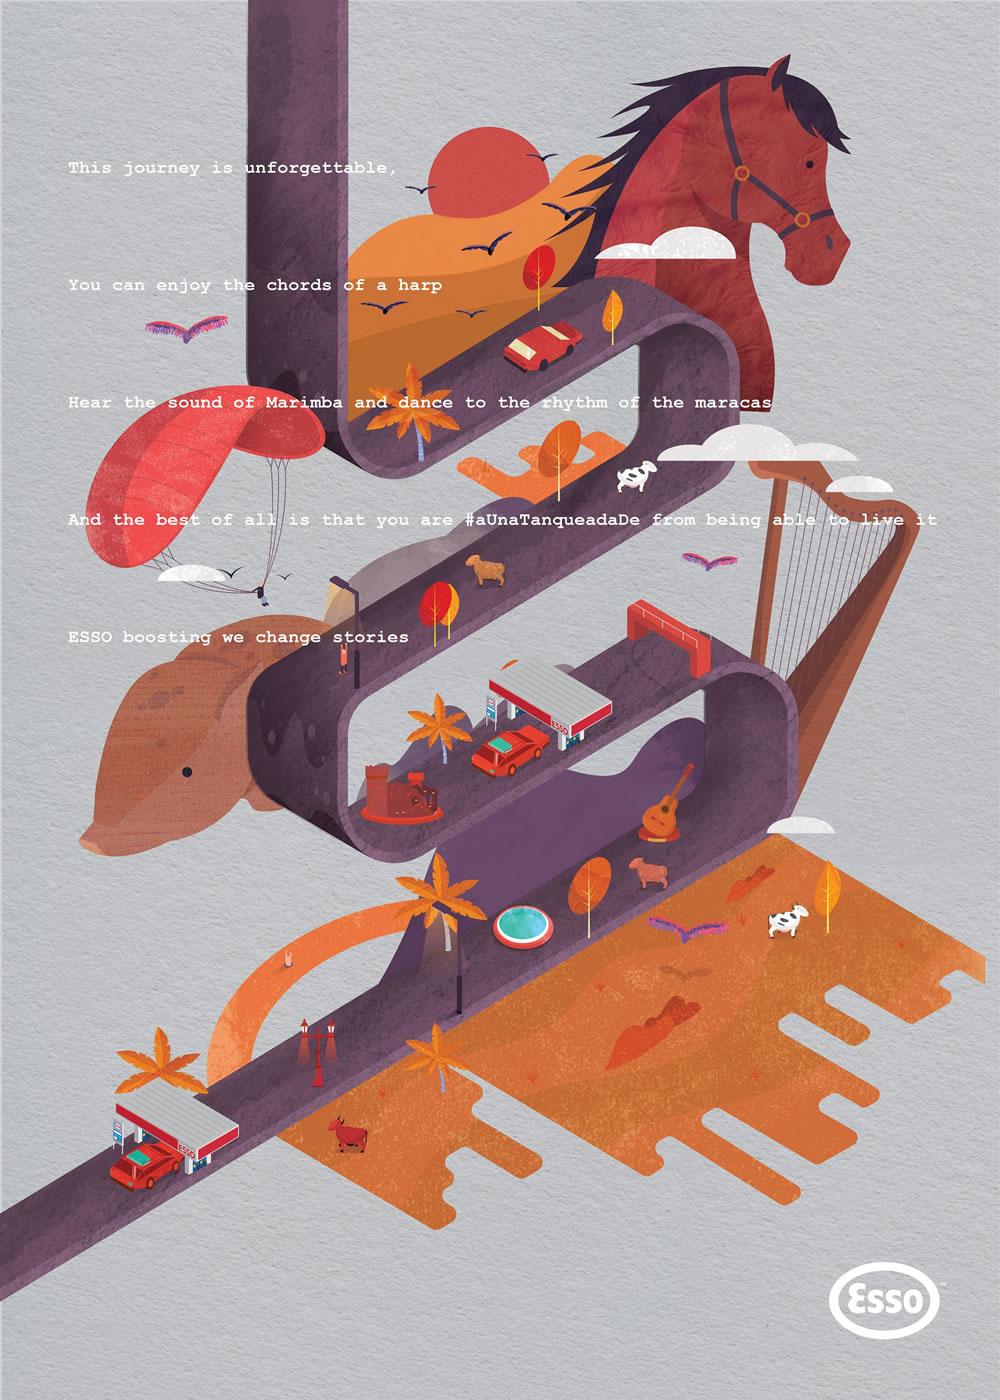 Inspiration - 100 Publicités créatives d'Aout 2017 22